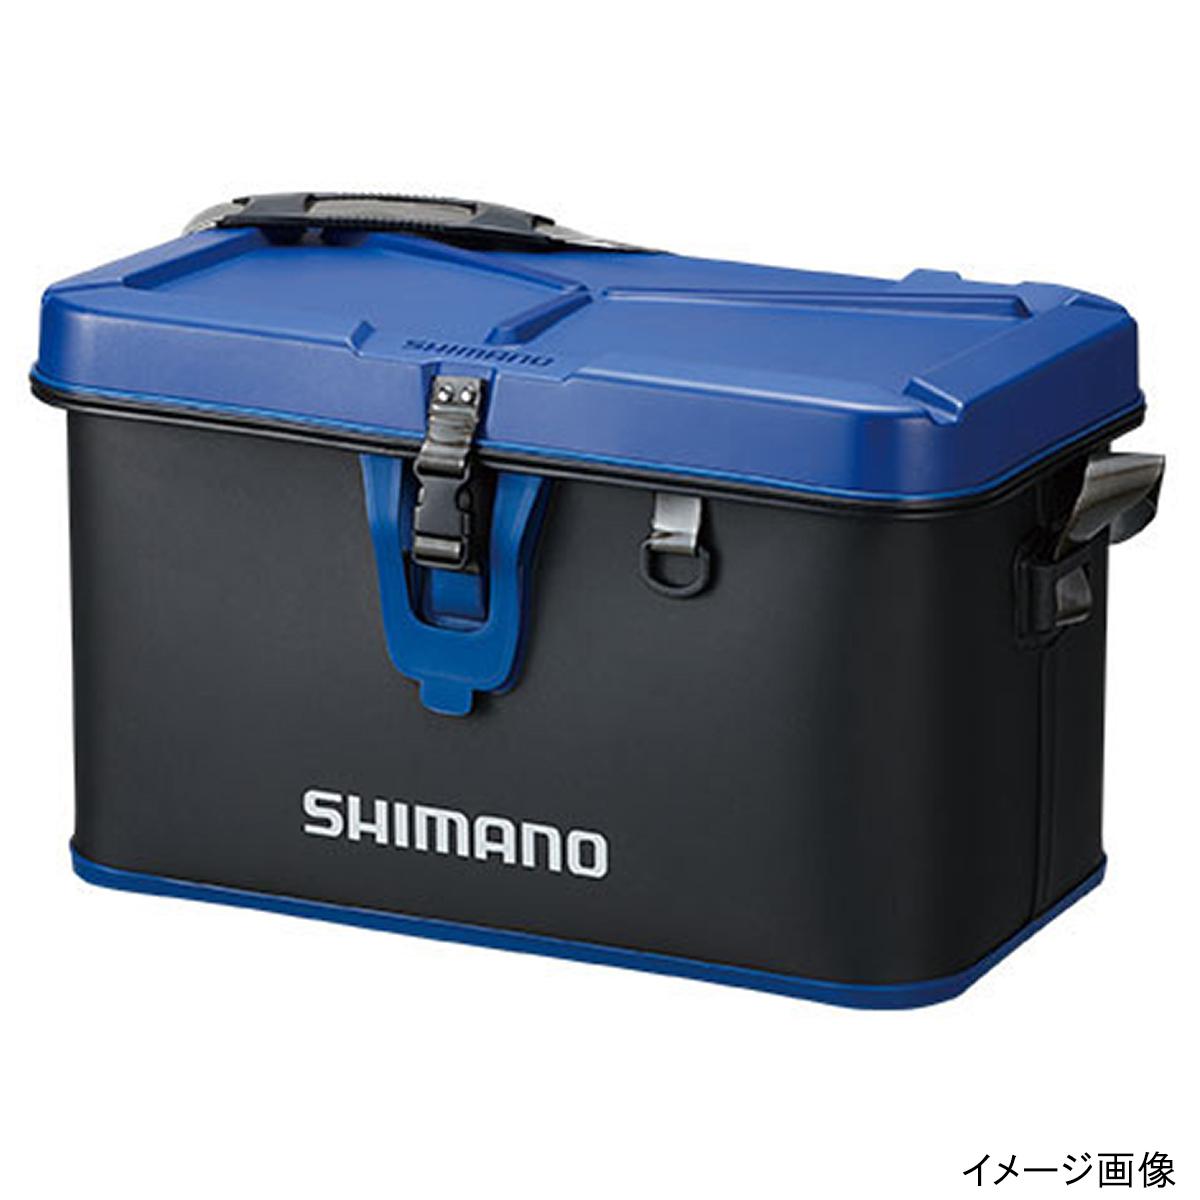 シマノ タックルボートバッグ(ハードタイプ) BK-001Q 27L ブラック(東日本店)